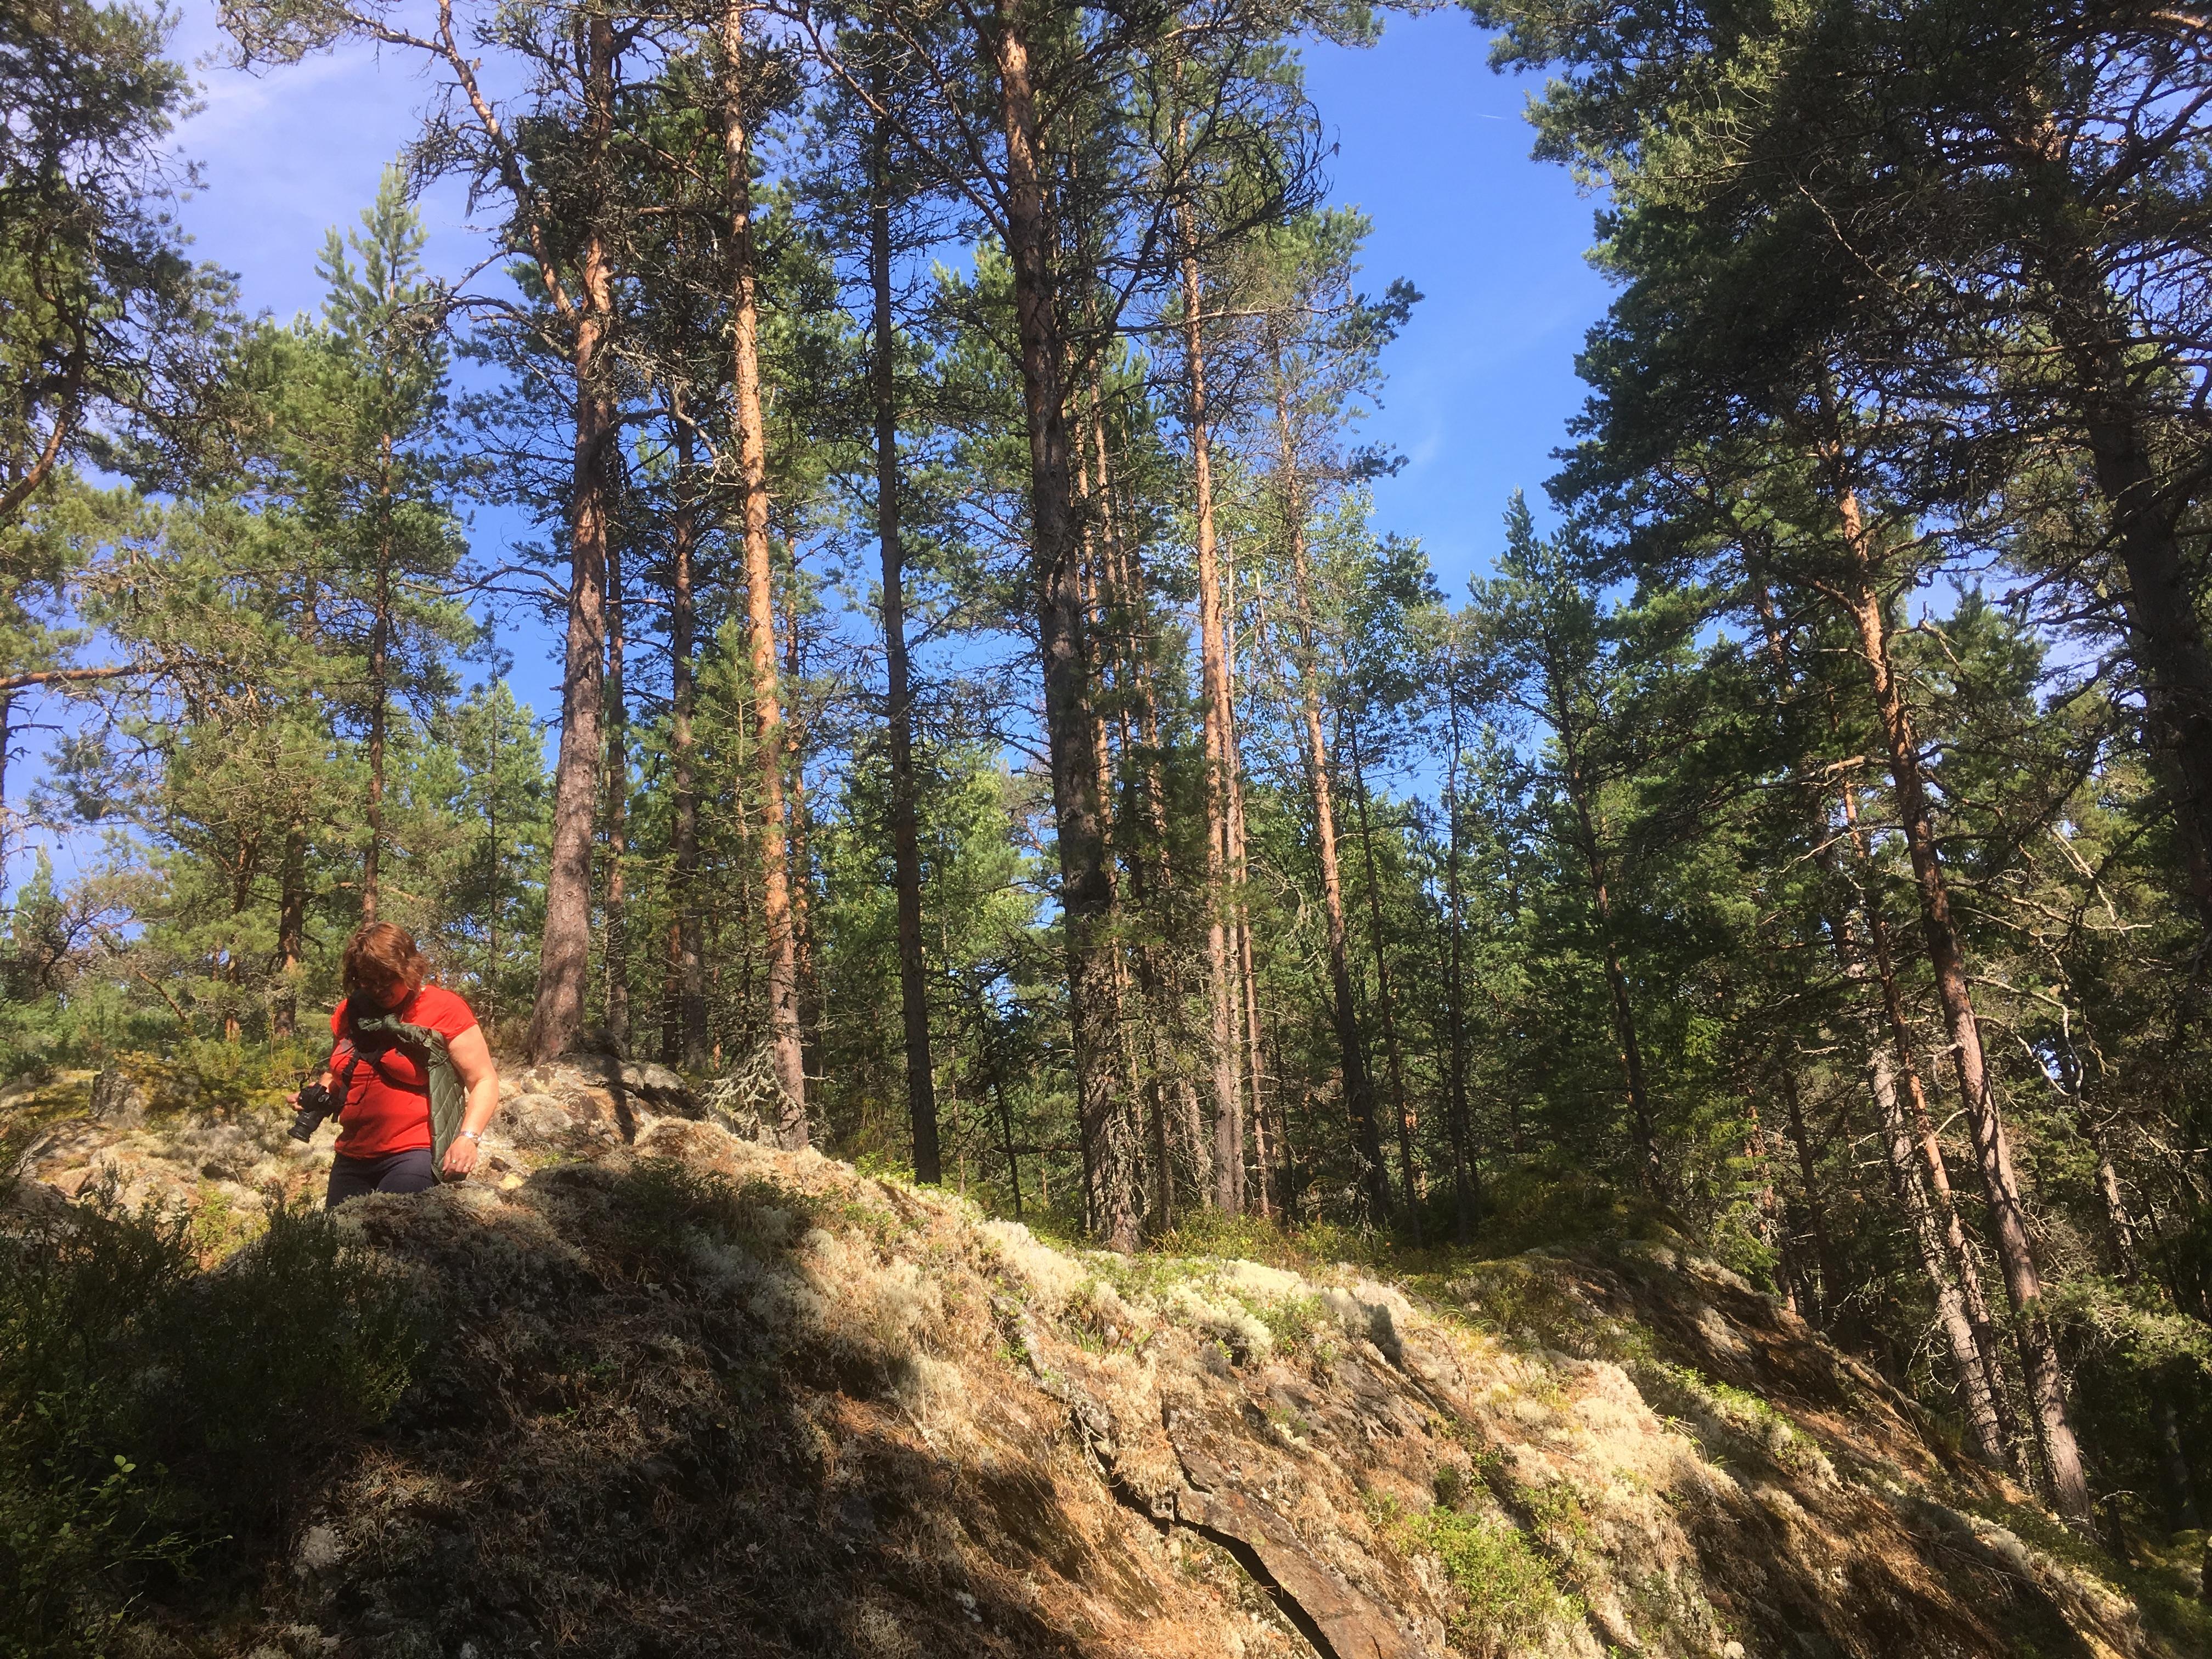 Hedenstugan - Hiking